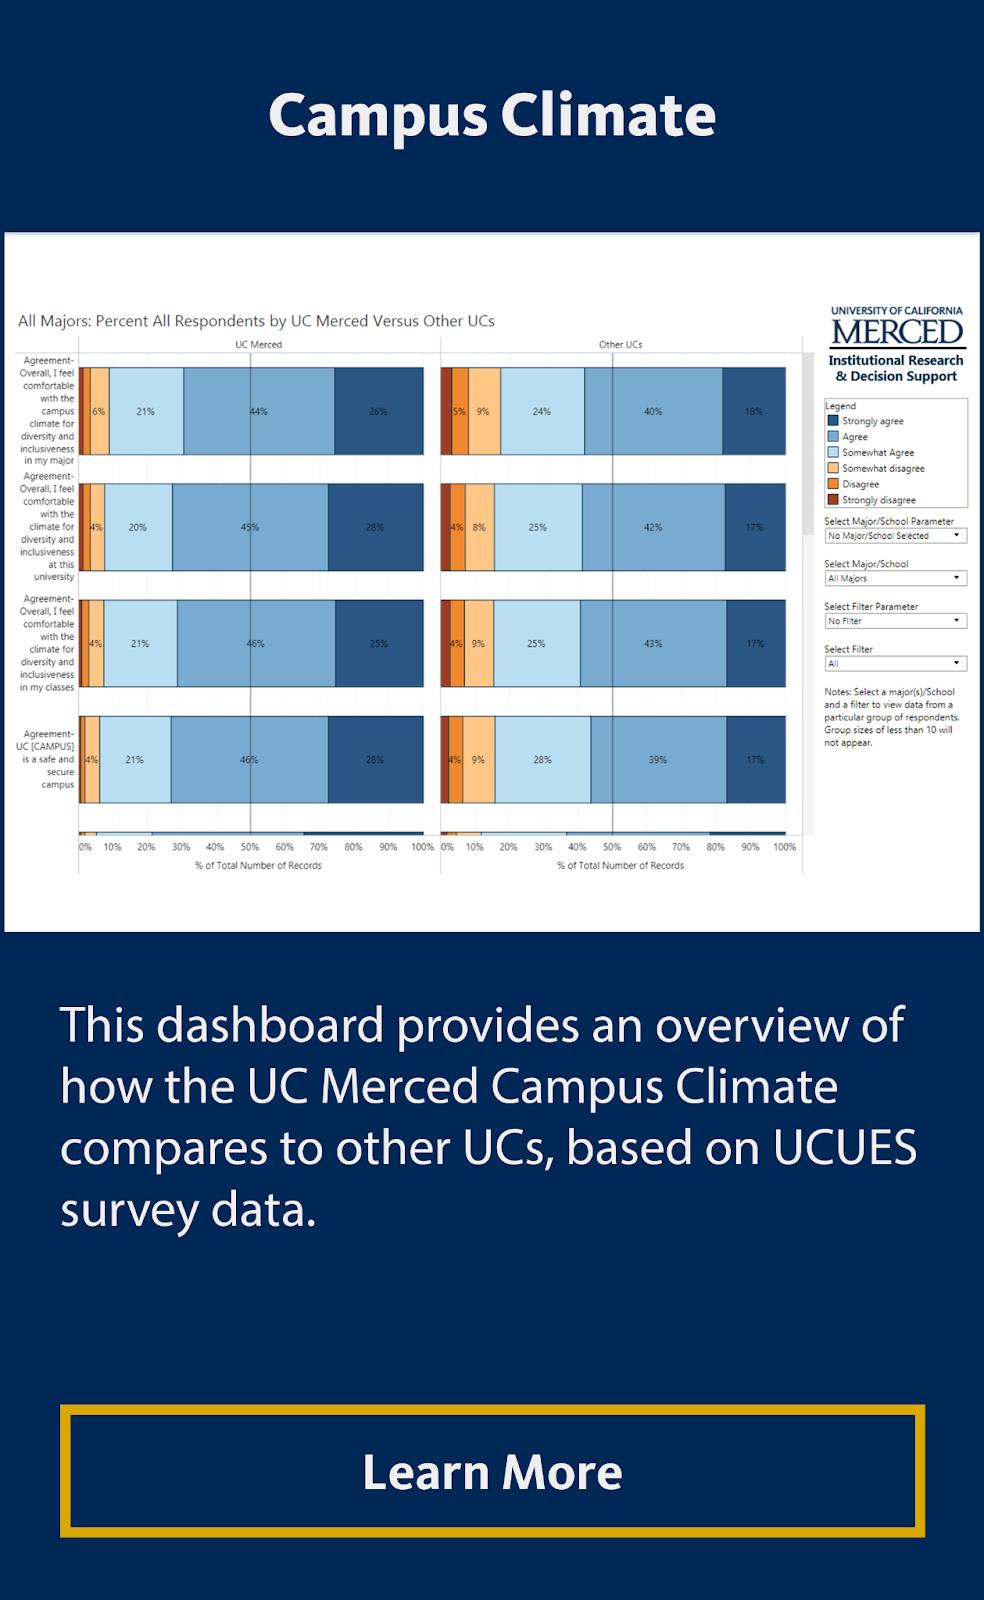 2020 UCUES Campus Climate